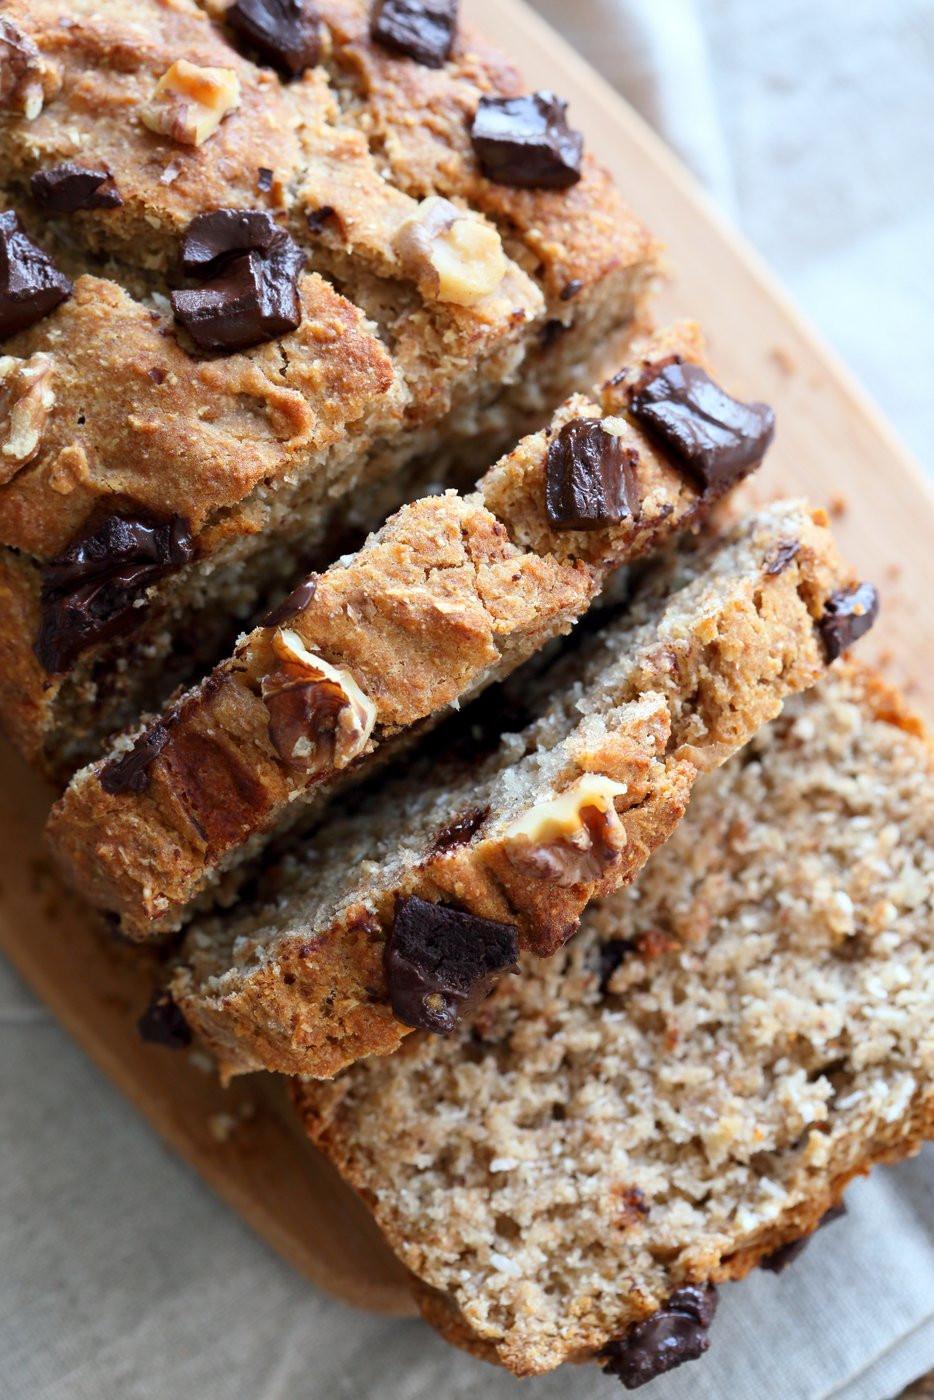 Best Vegan Banana Bread Recipe  Vegan Banana Bread with Toasted Walnuts and Coconut 1